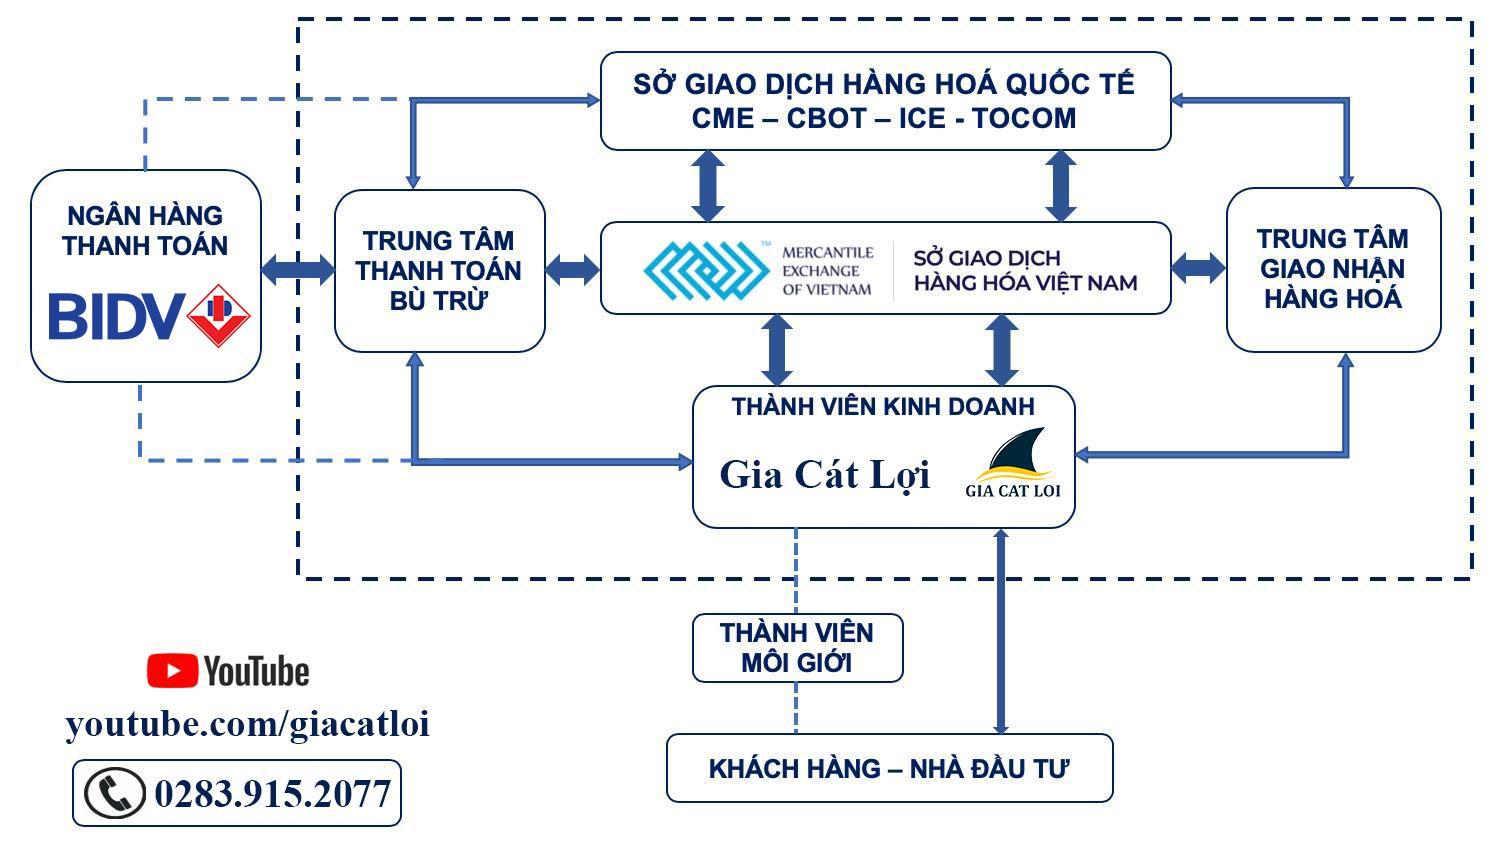 Thành viên sở giao dịch hàng hóa Việt Nam